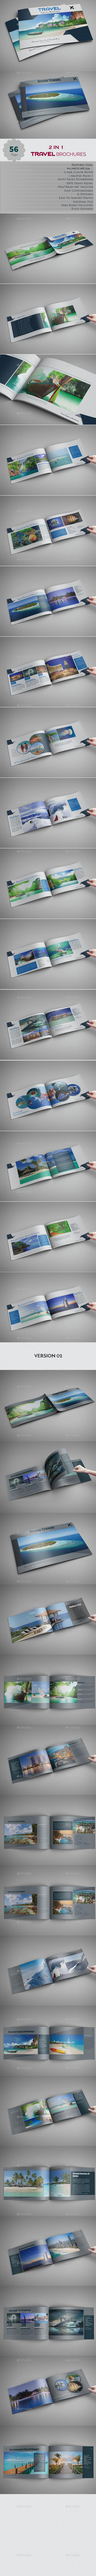 2 in 1 Travel Brochures - Brochures Print Templates